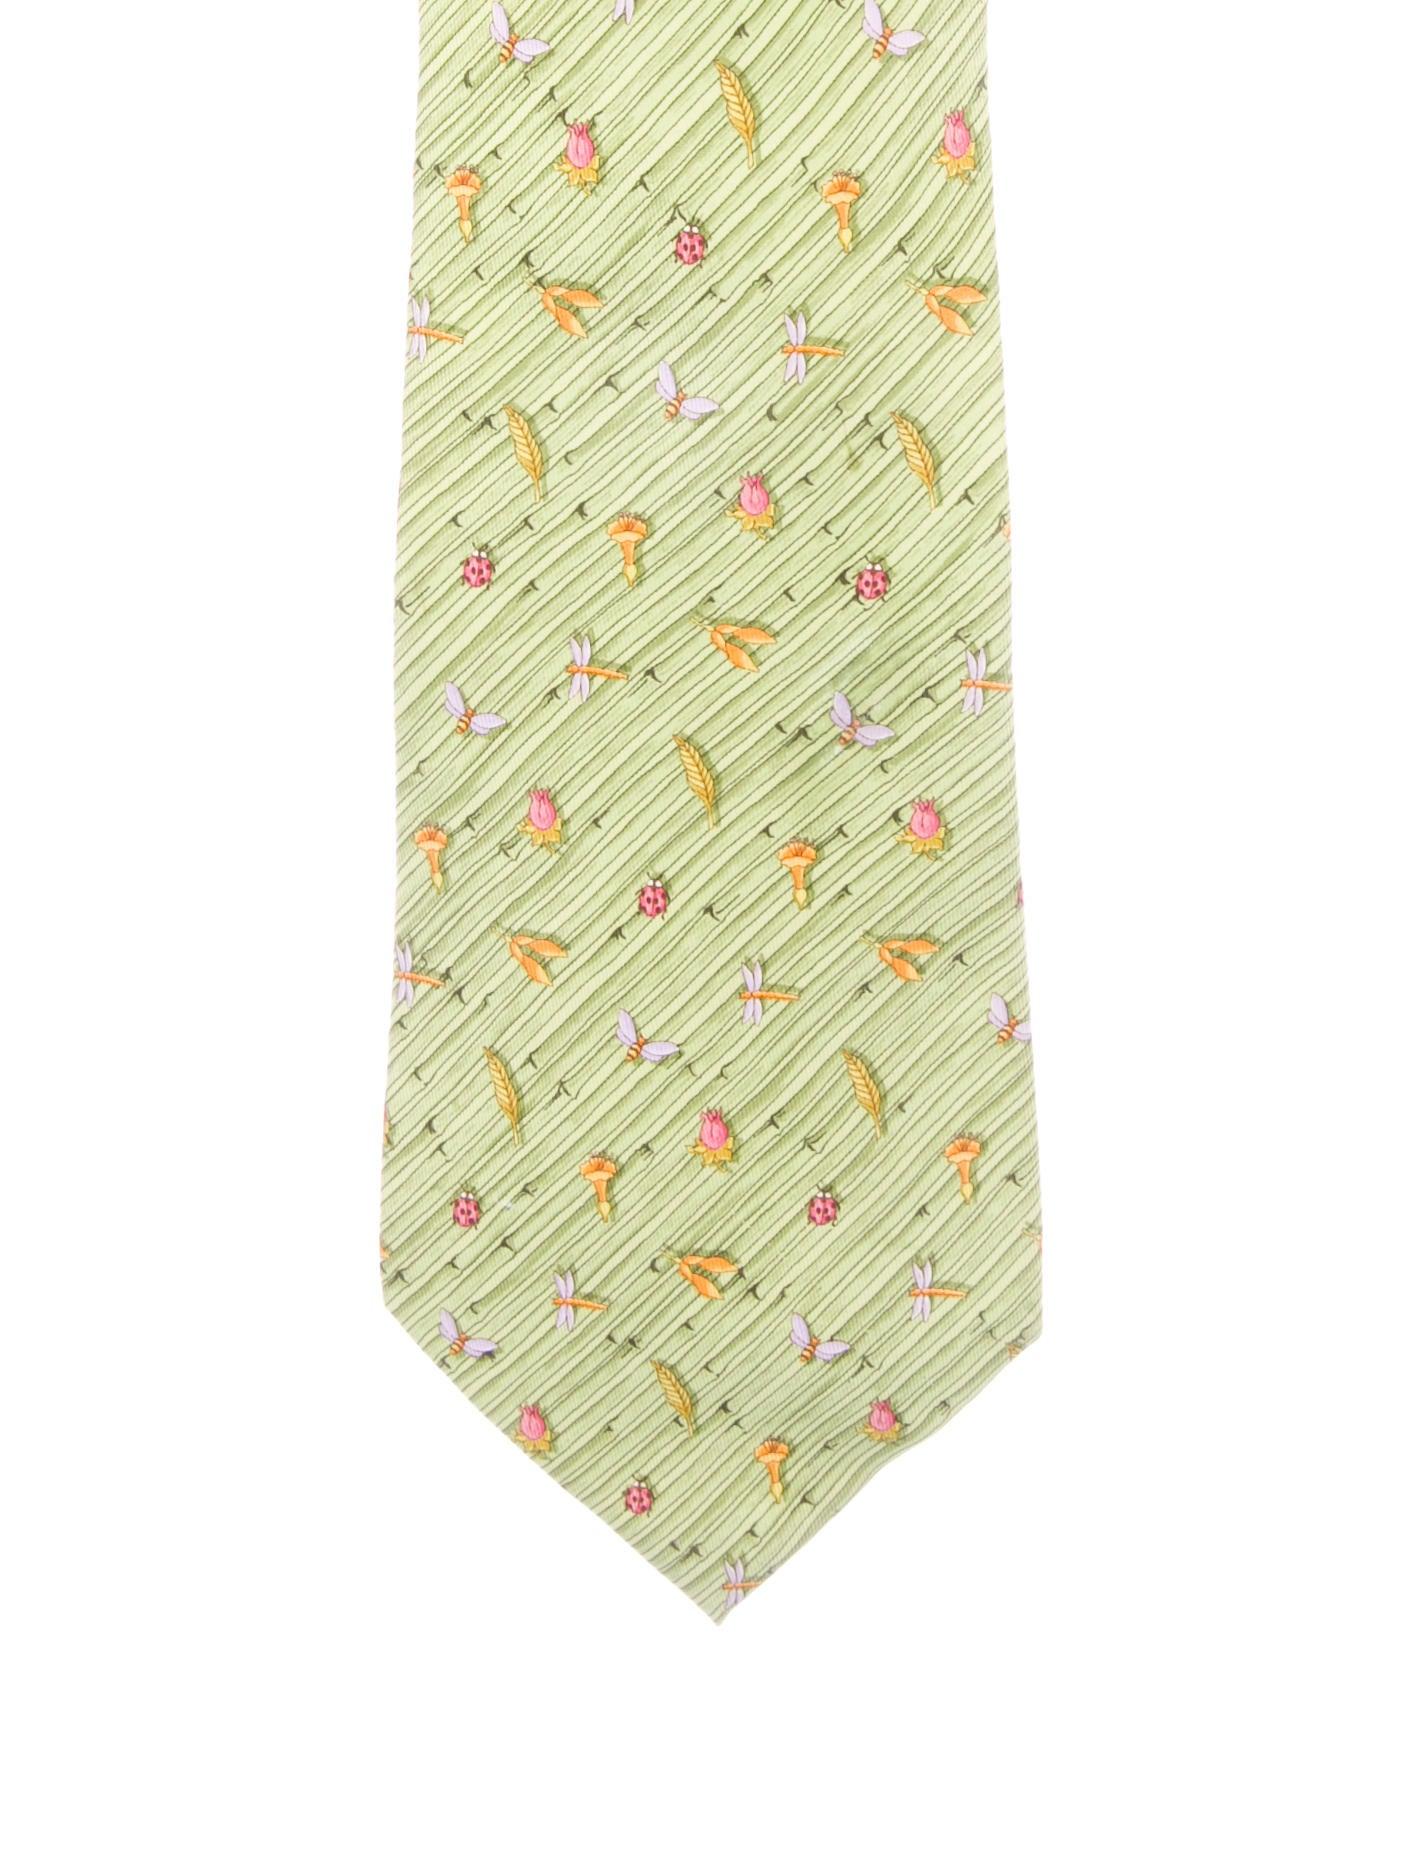 82468346e68e Salvatore Ferragamo Dragonfly Print Silk Tie - Suiting Accessories ...